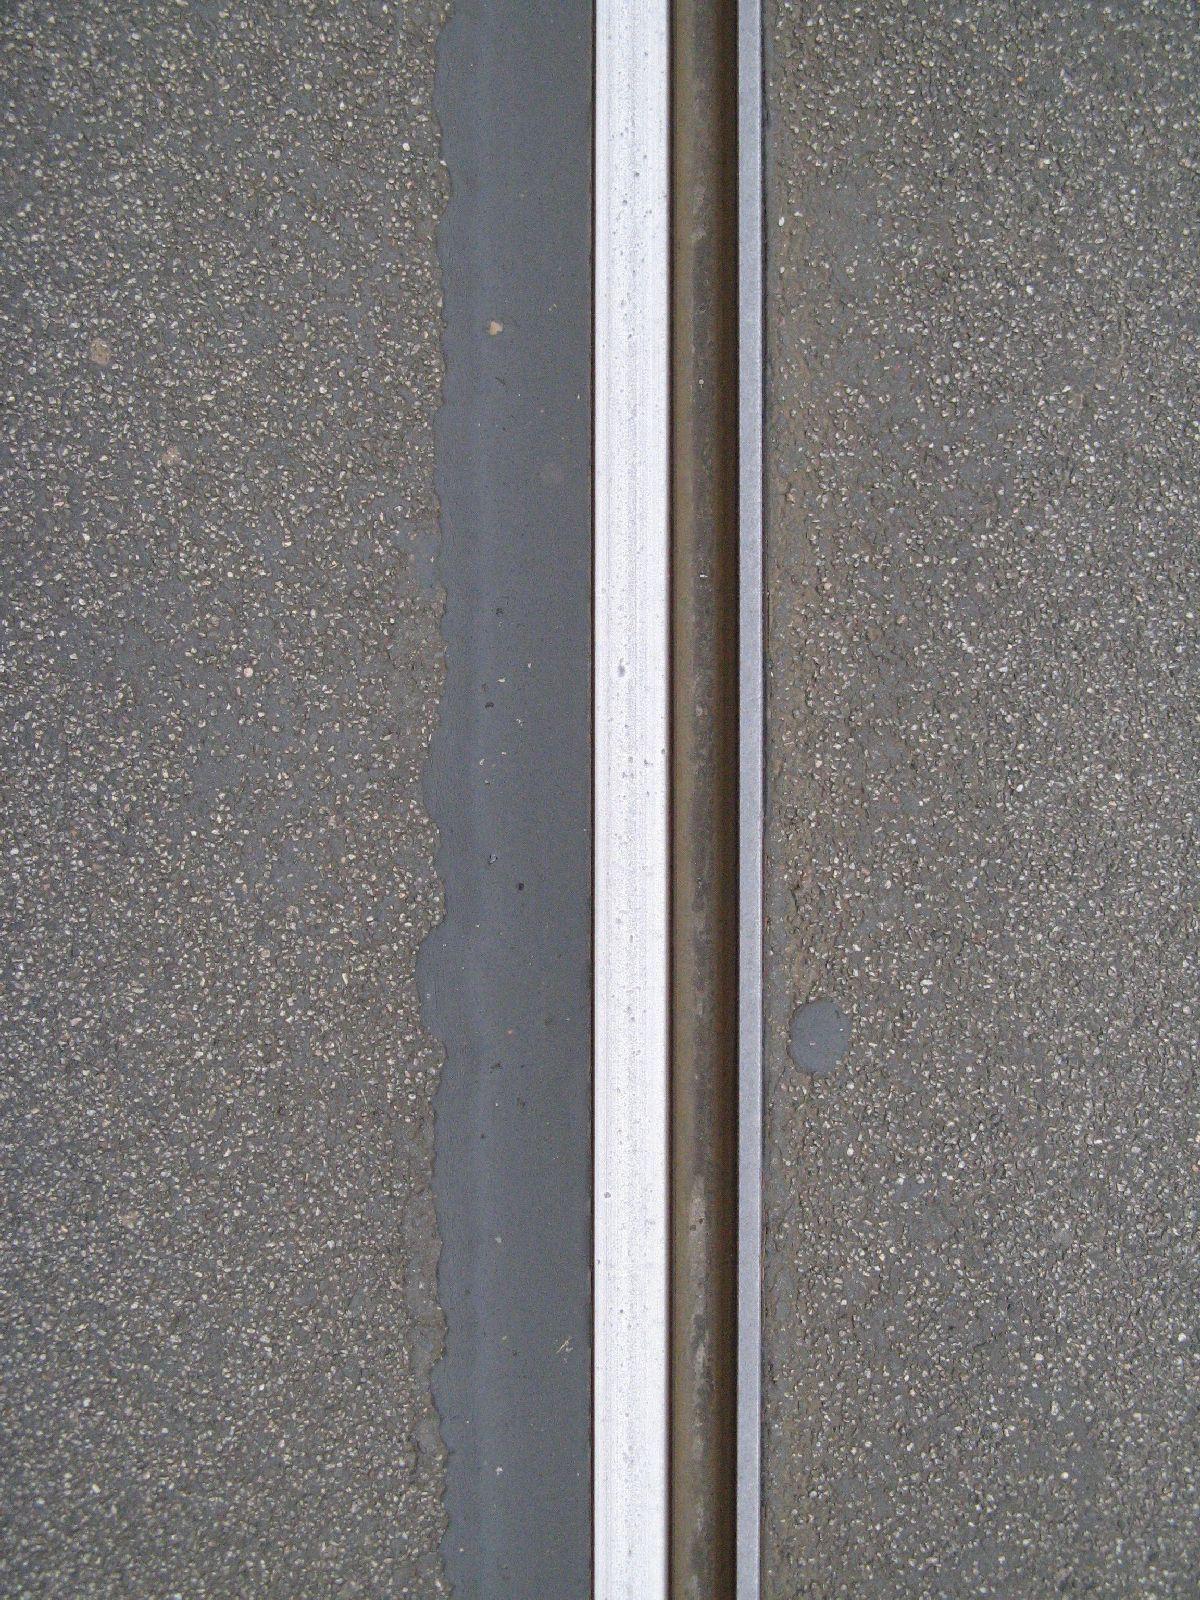 Boden-Strassenelemente_Textur_B_3800